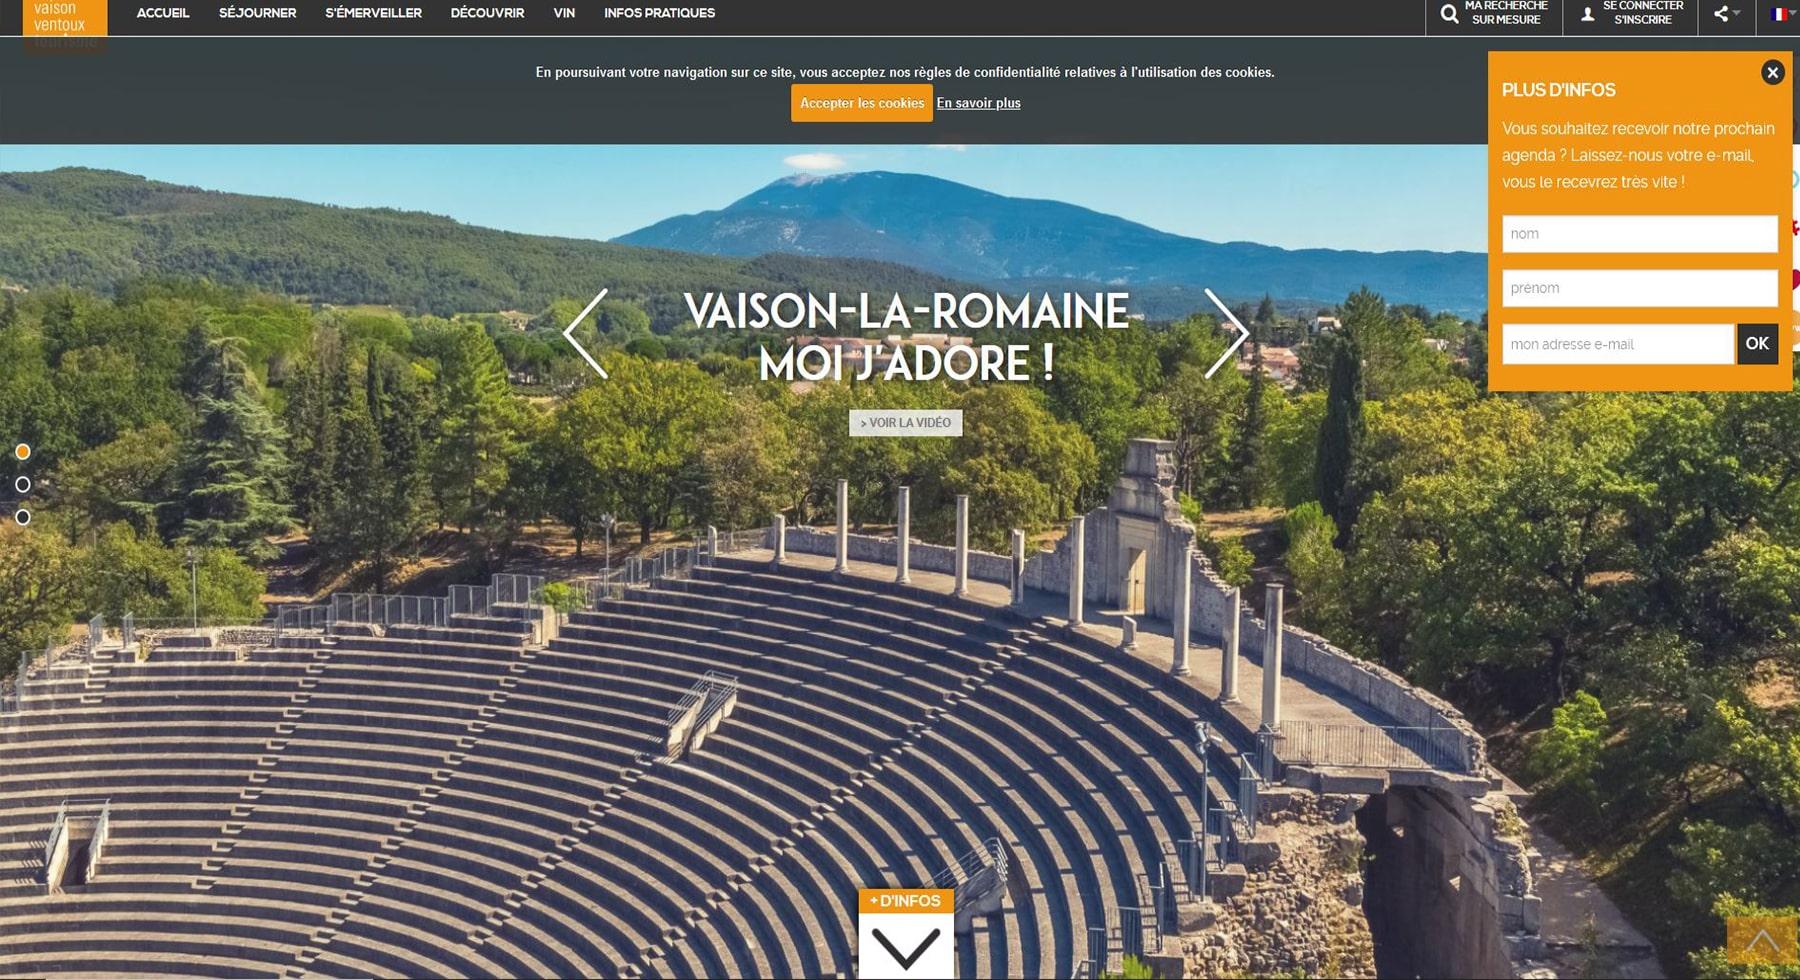 Office de tourisme de Vaison la Romaine